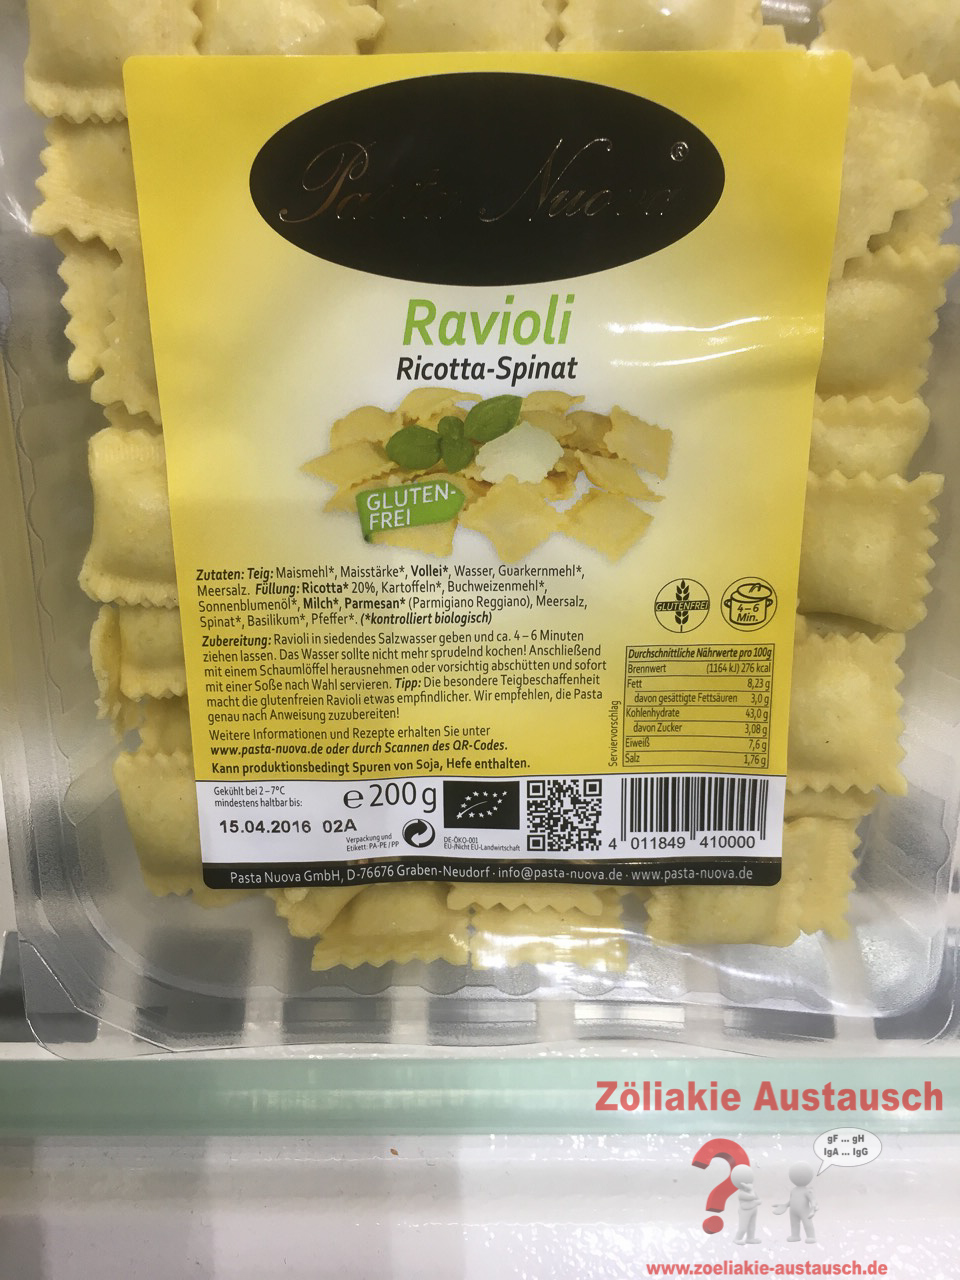 BioFach_2016-Zoeliakie_Austausch_105